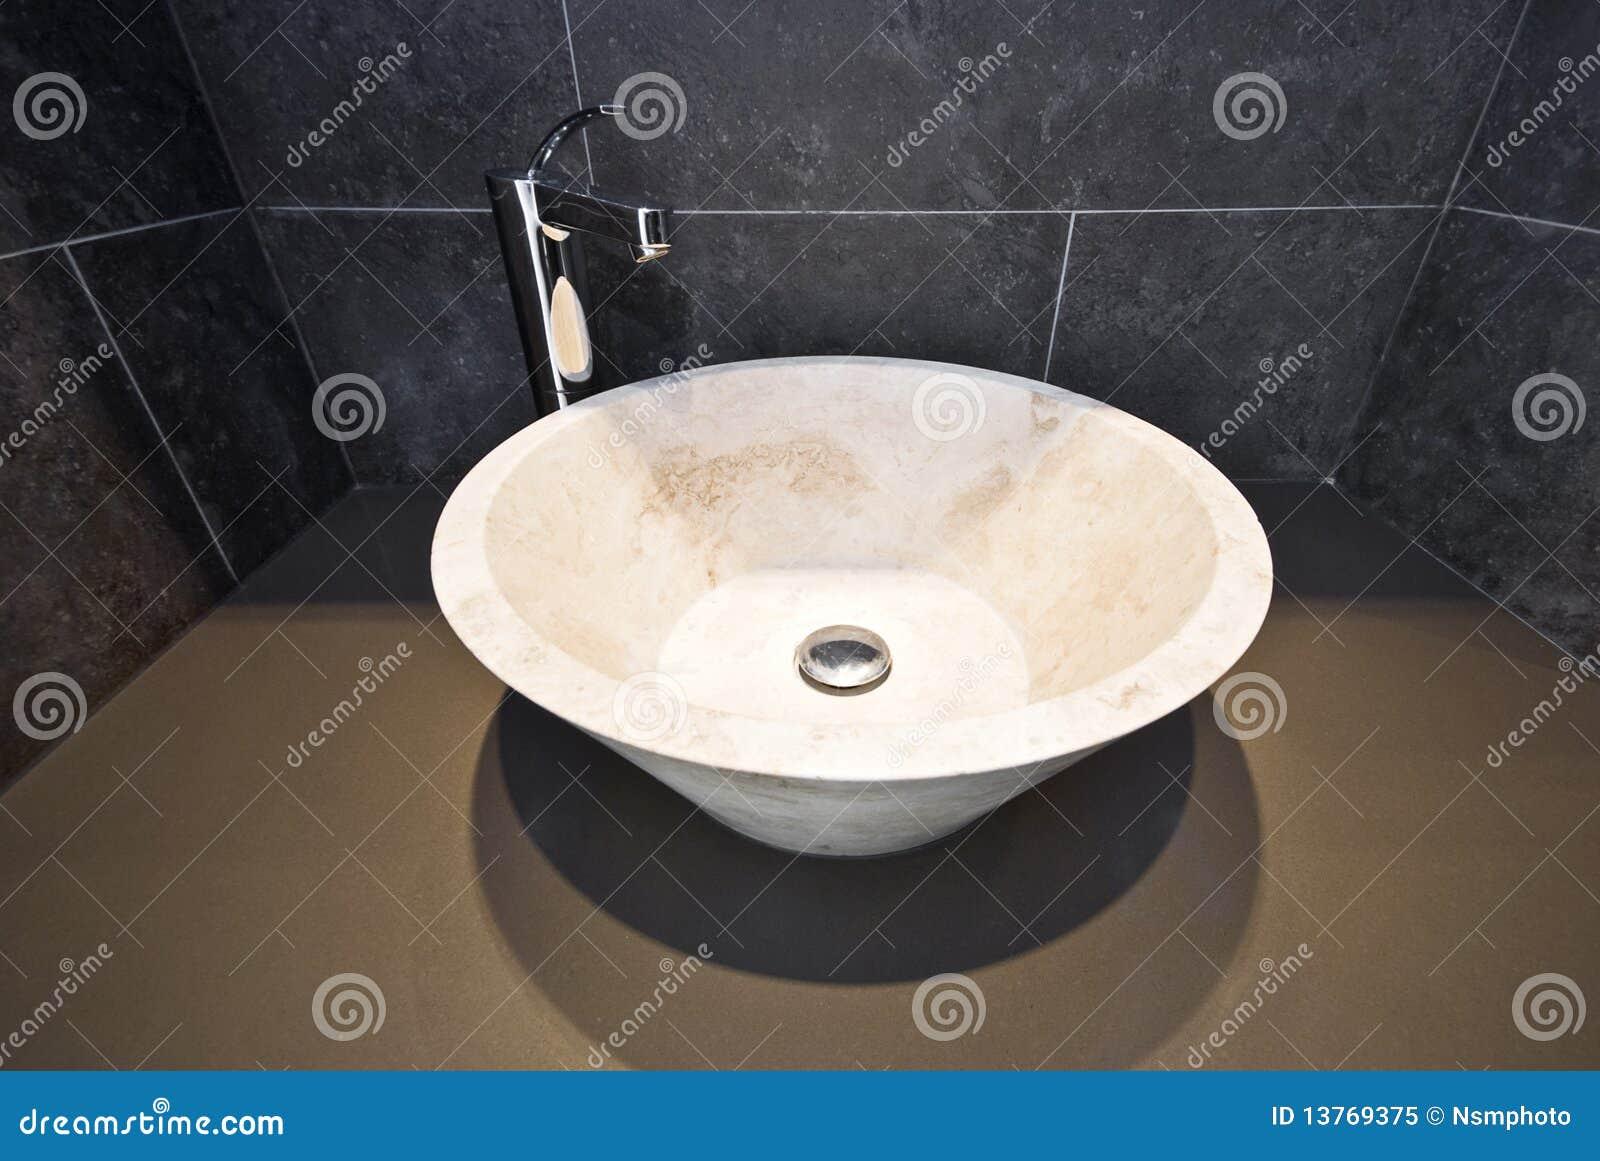 d%C3%A9tail de salle de bains avec le lavabo de marbre rond 13769375 Résultat Supérieur 19 Inspirant Lavabo Rond Salle De Bain Photographie 2018 Lok9